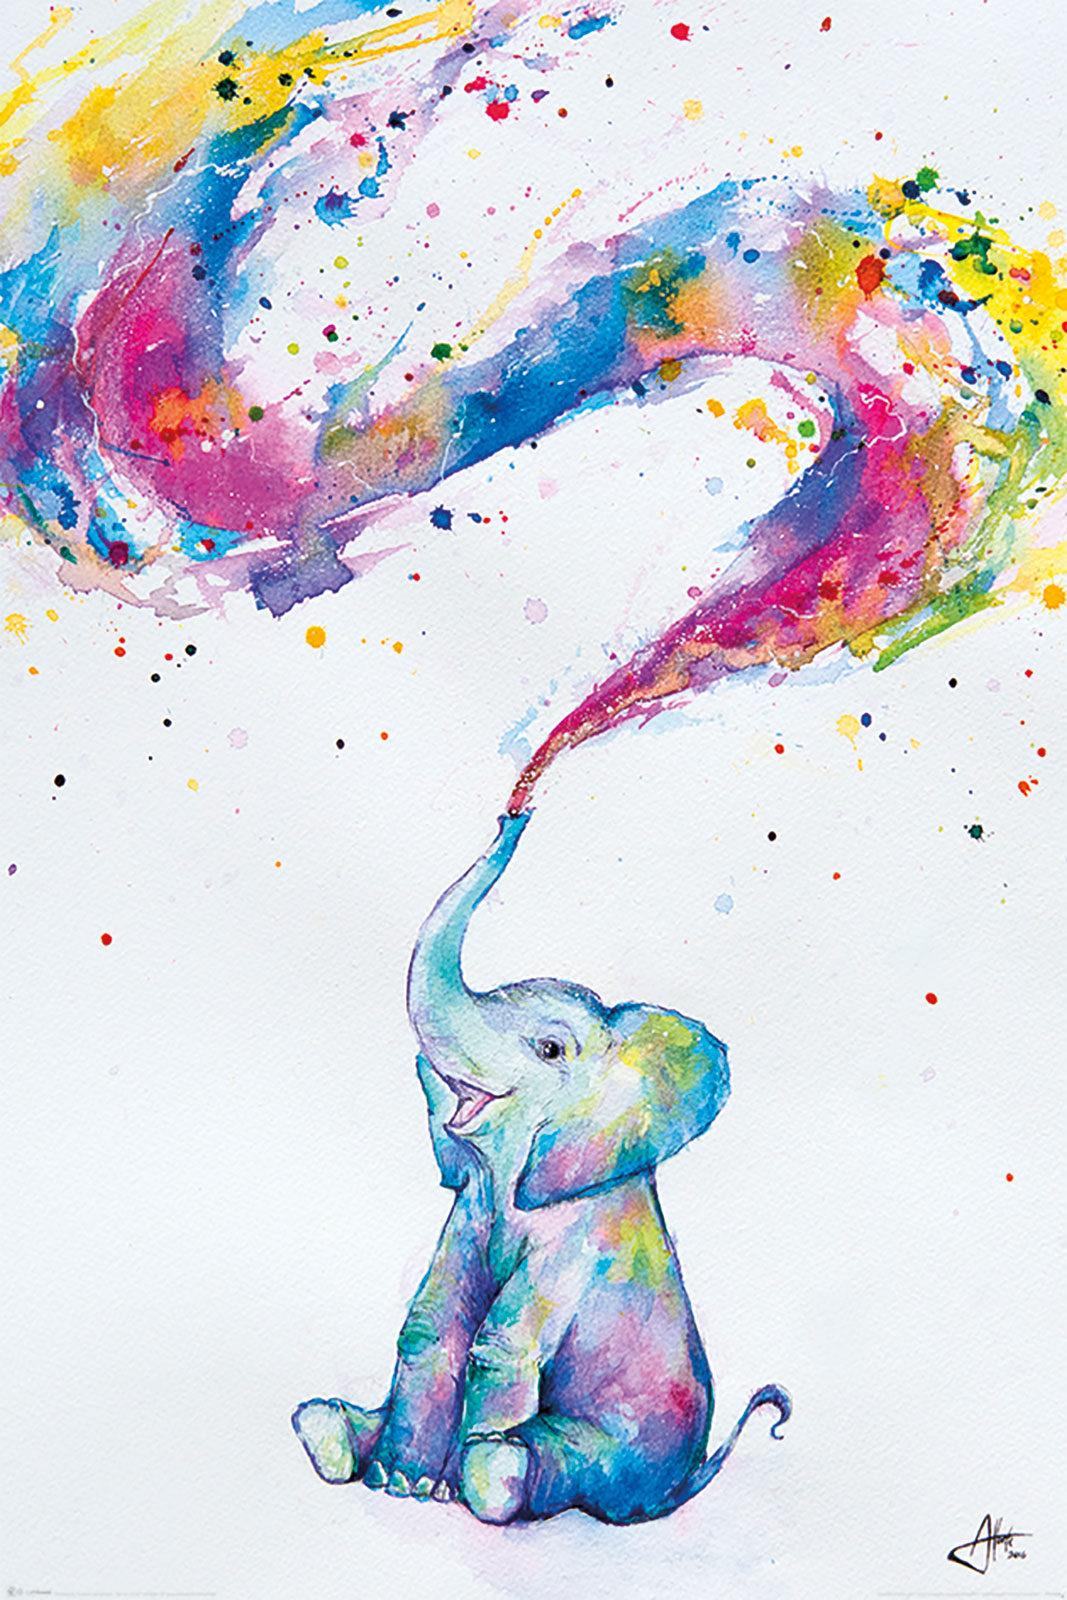 Plakaty Bajkowe Kolorowy Mały Słonik Plakat Artystyczny